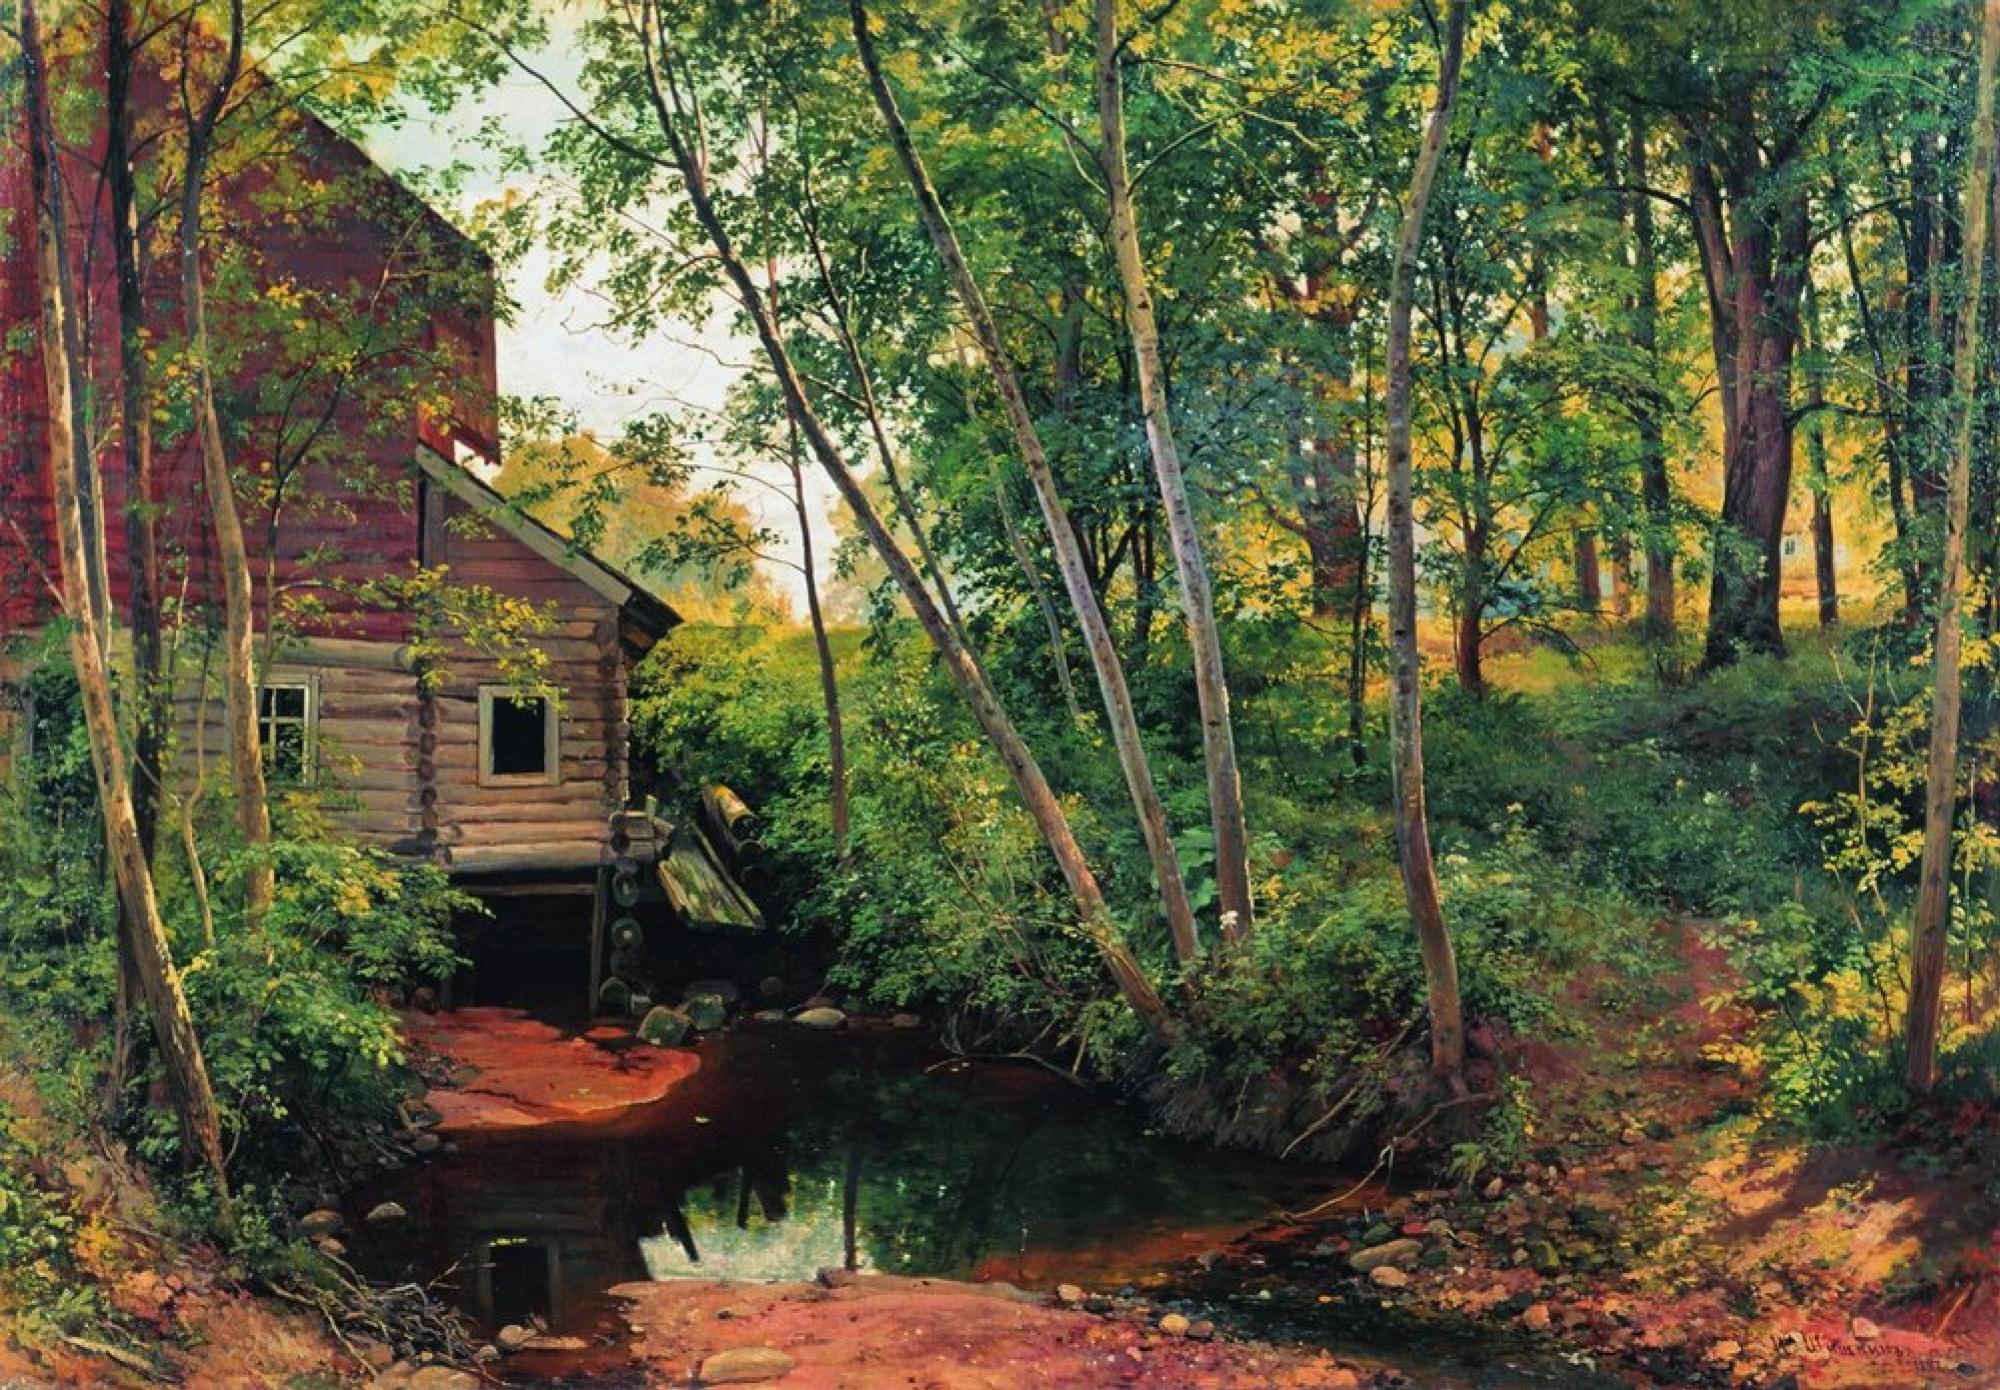 Иван Шишкин, 1898 год, картина «Мельница в лесу».